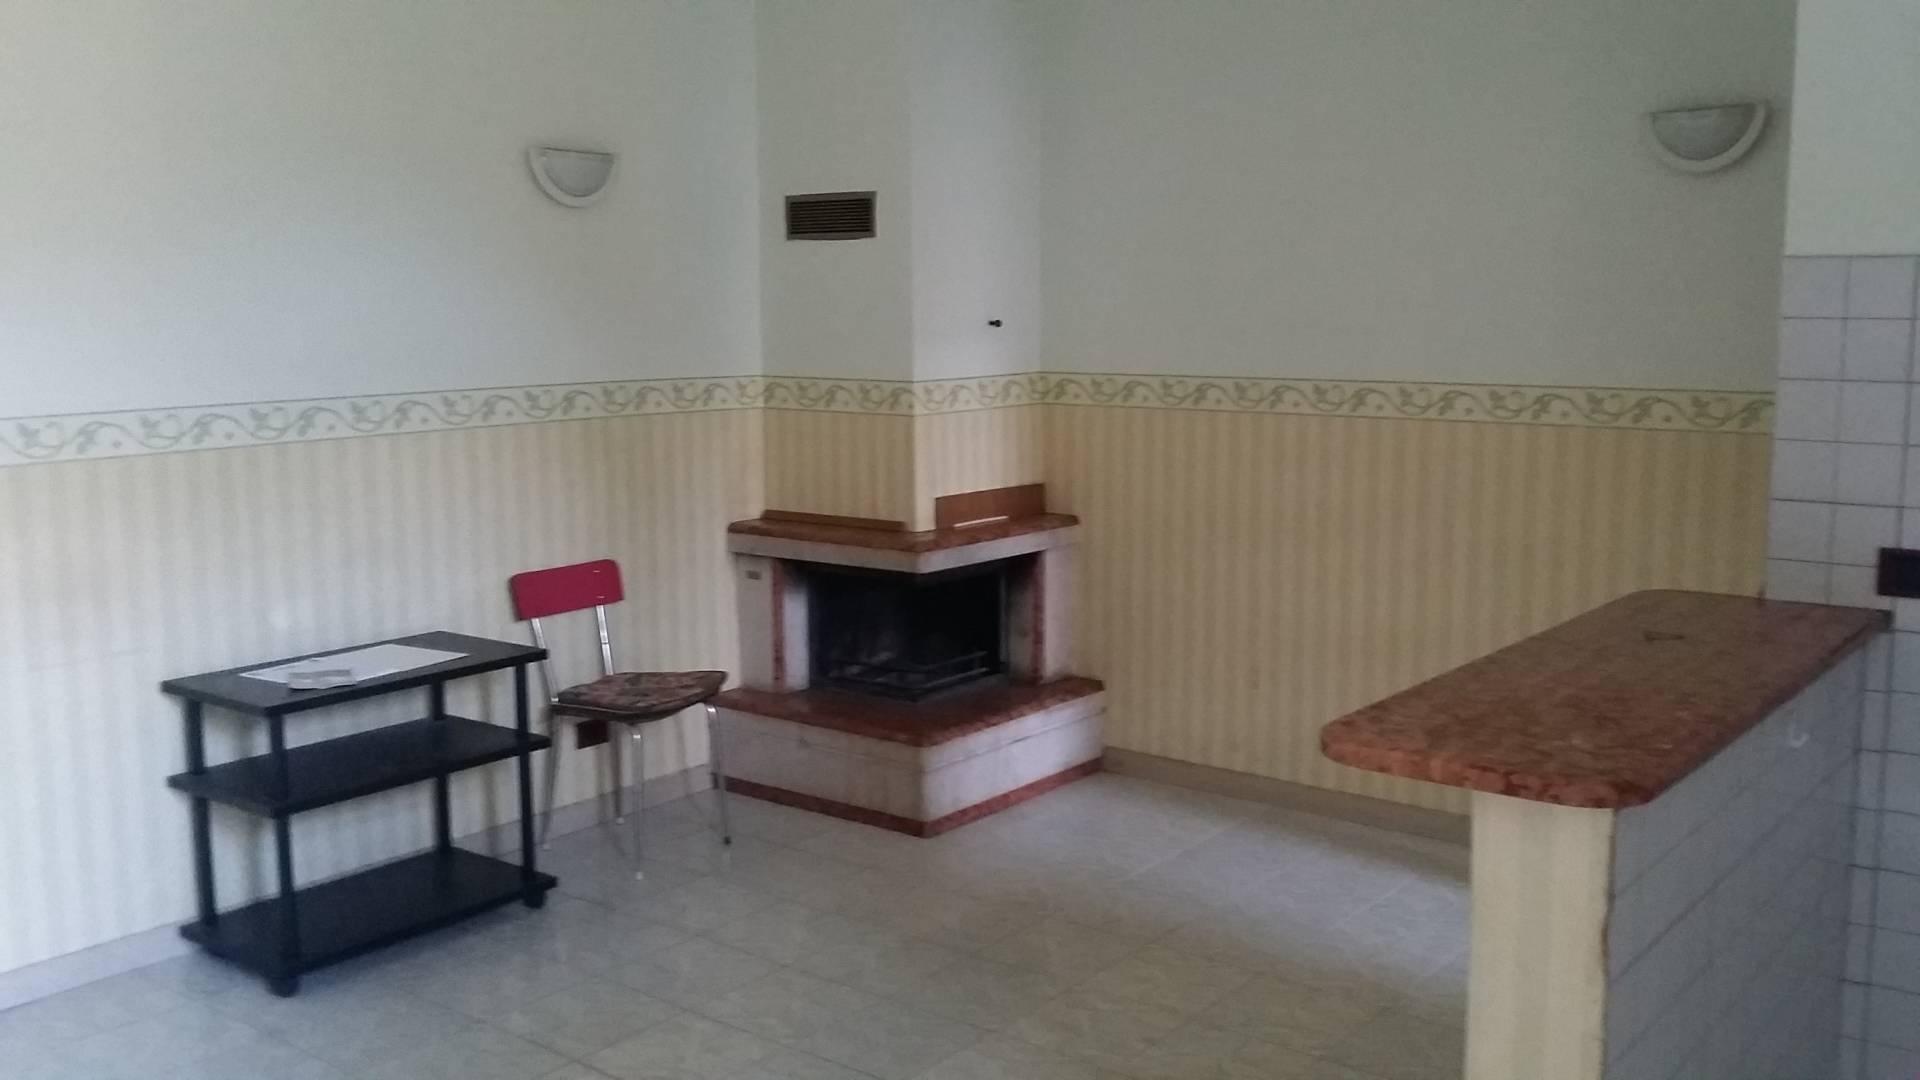 Appartamento in vendita a Ascoli Piceno, 4 locali, zona Località: PortaMaggiore, prezzo € 98.000 | CambioCasa.it